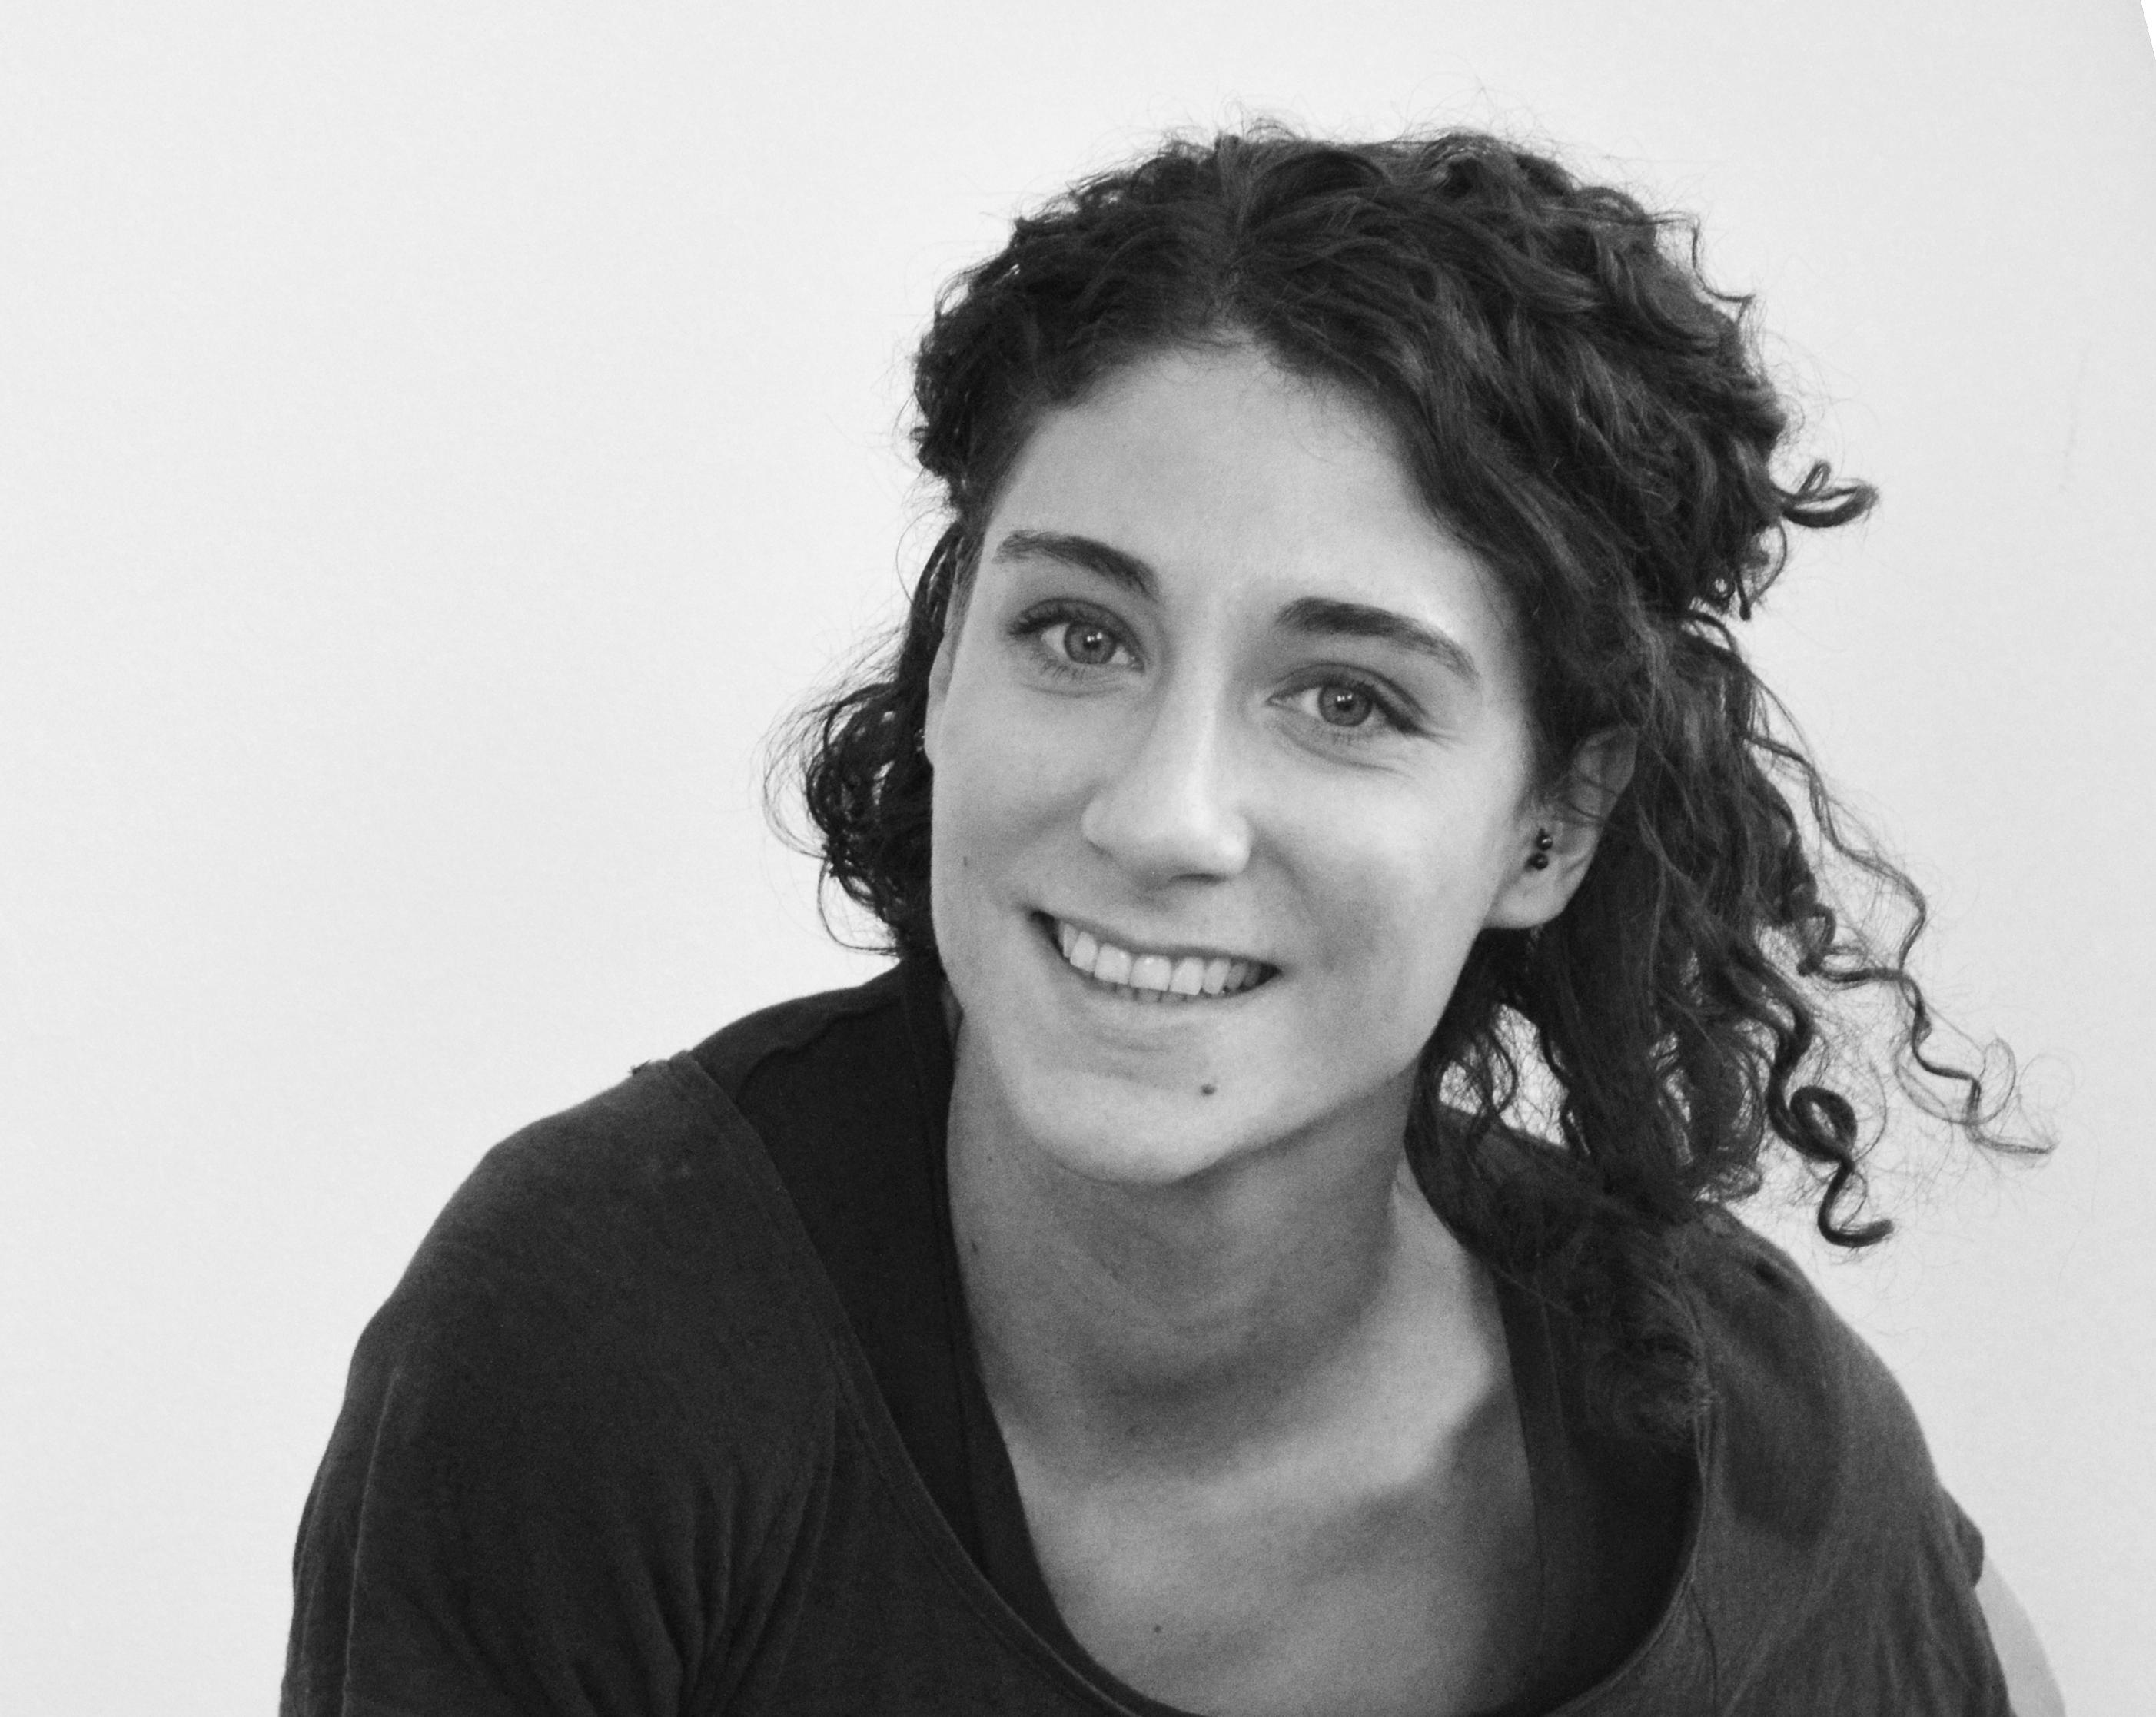 Cora Bellotto e la sua moda green